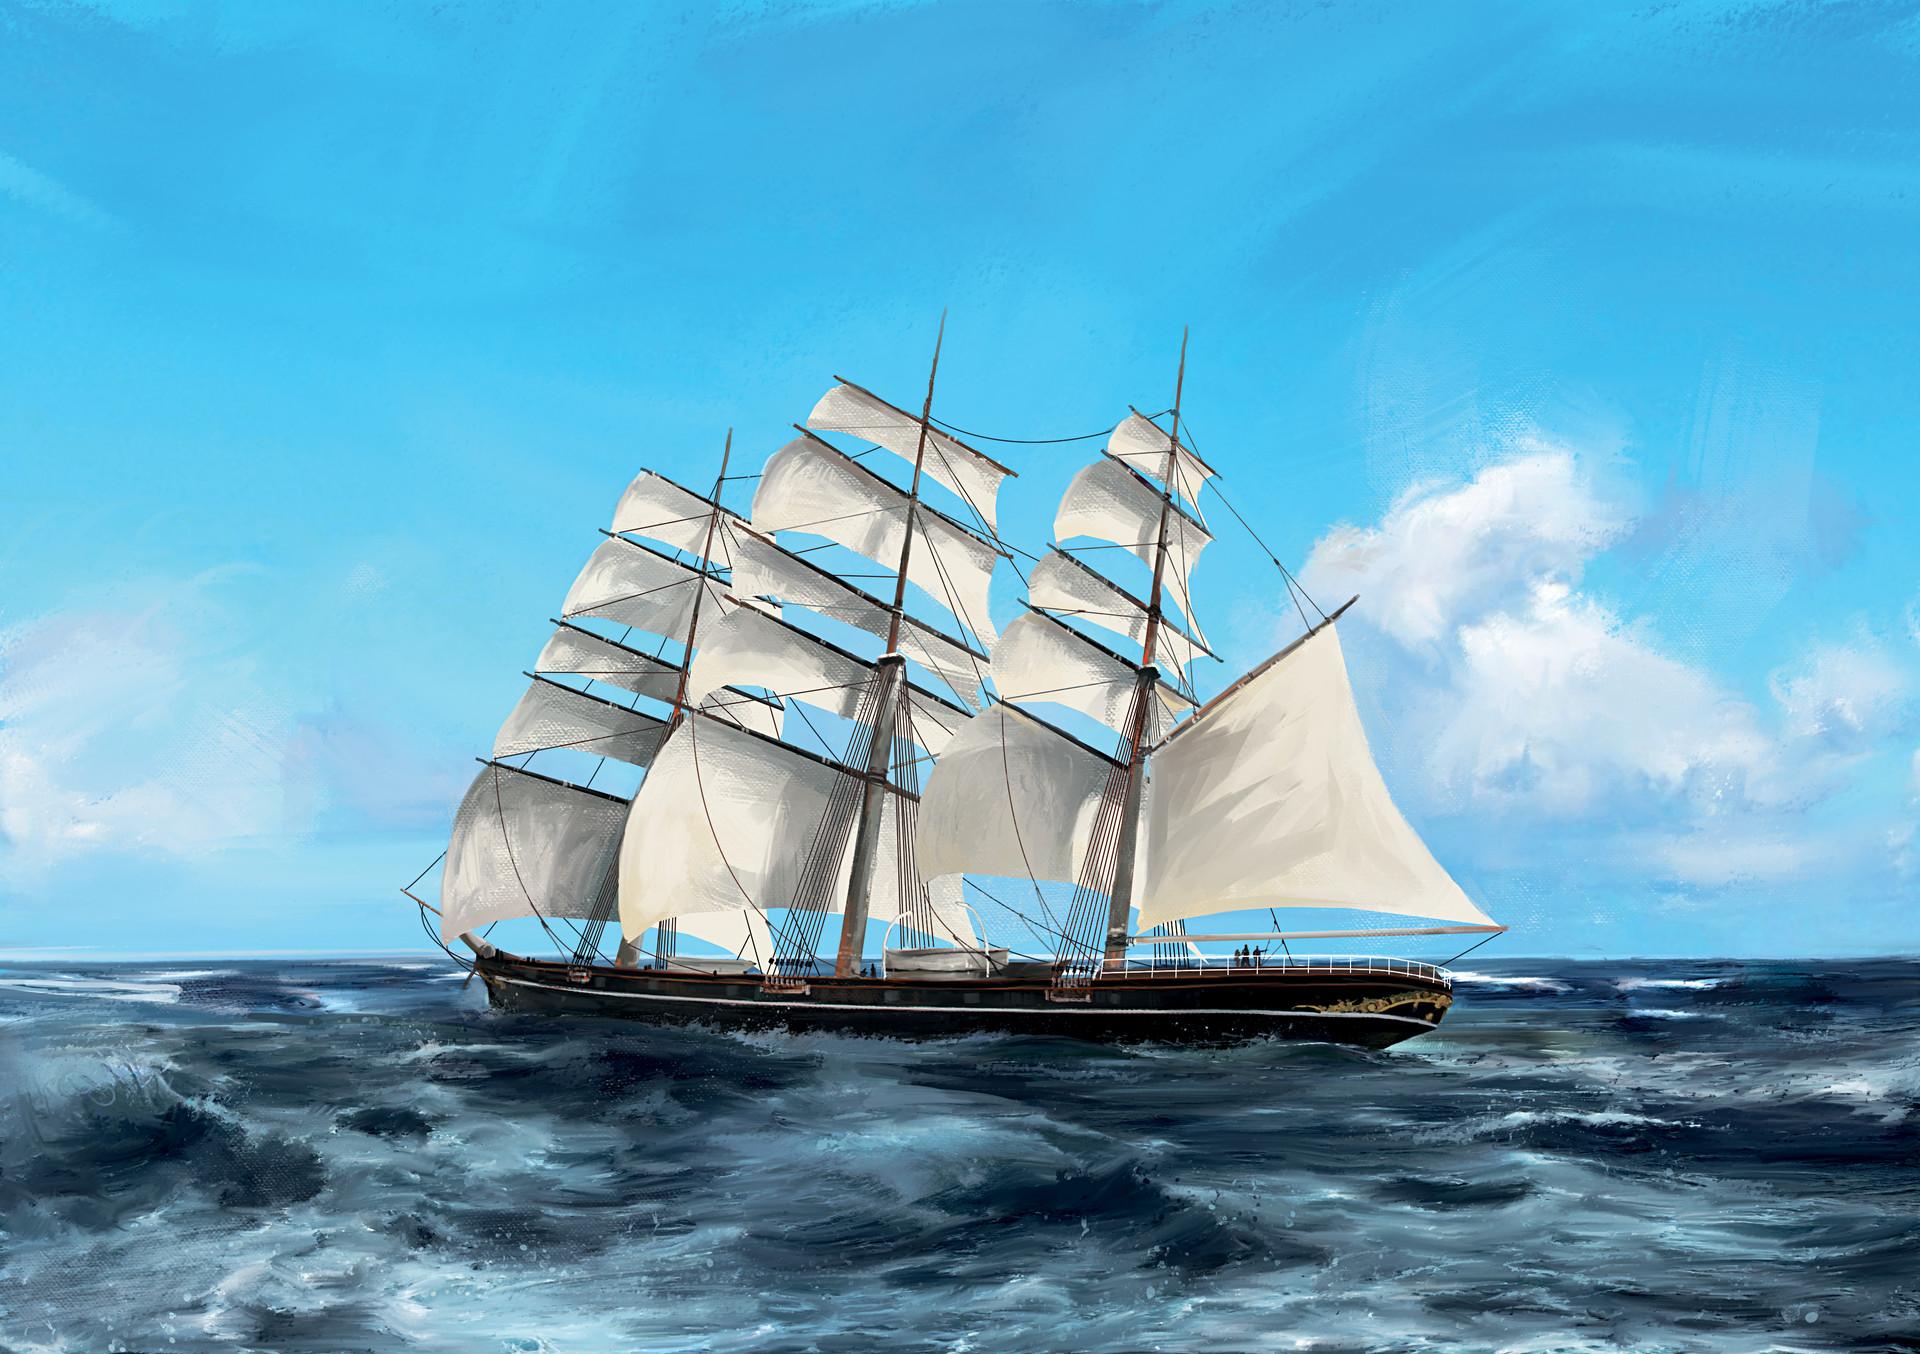 Dominik mayer 1869 cutty sark 01